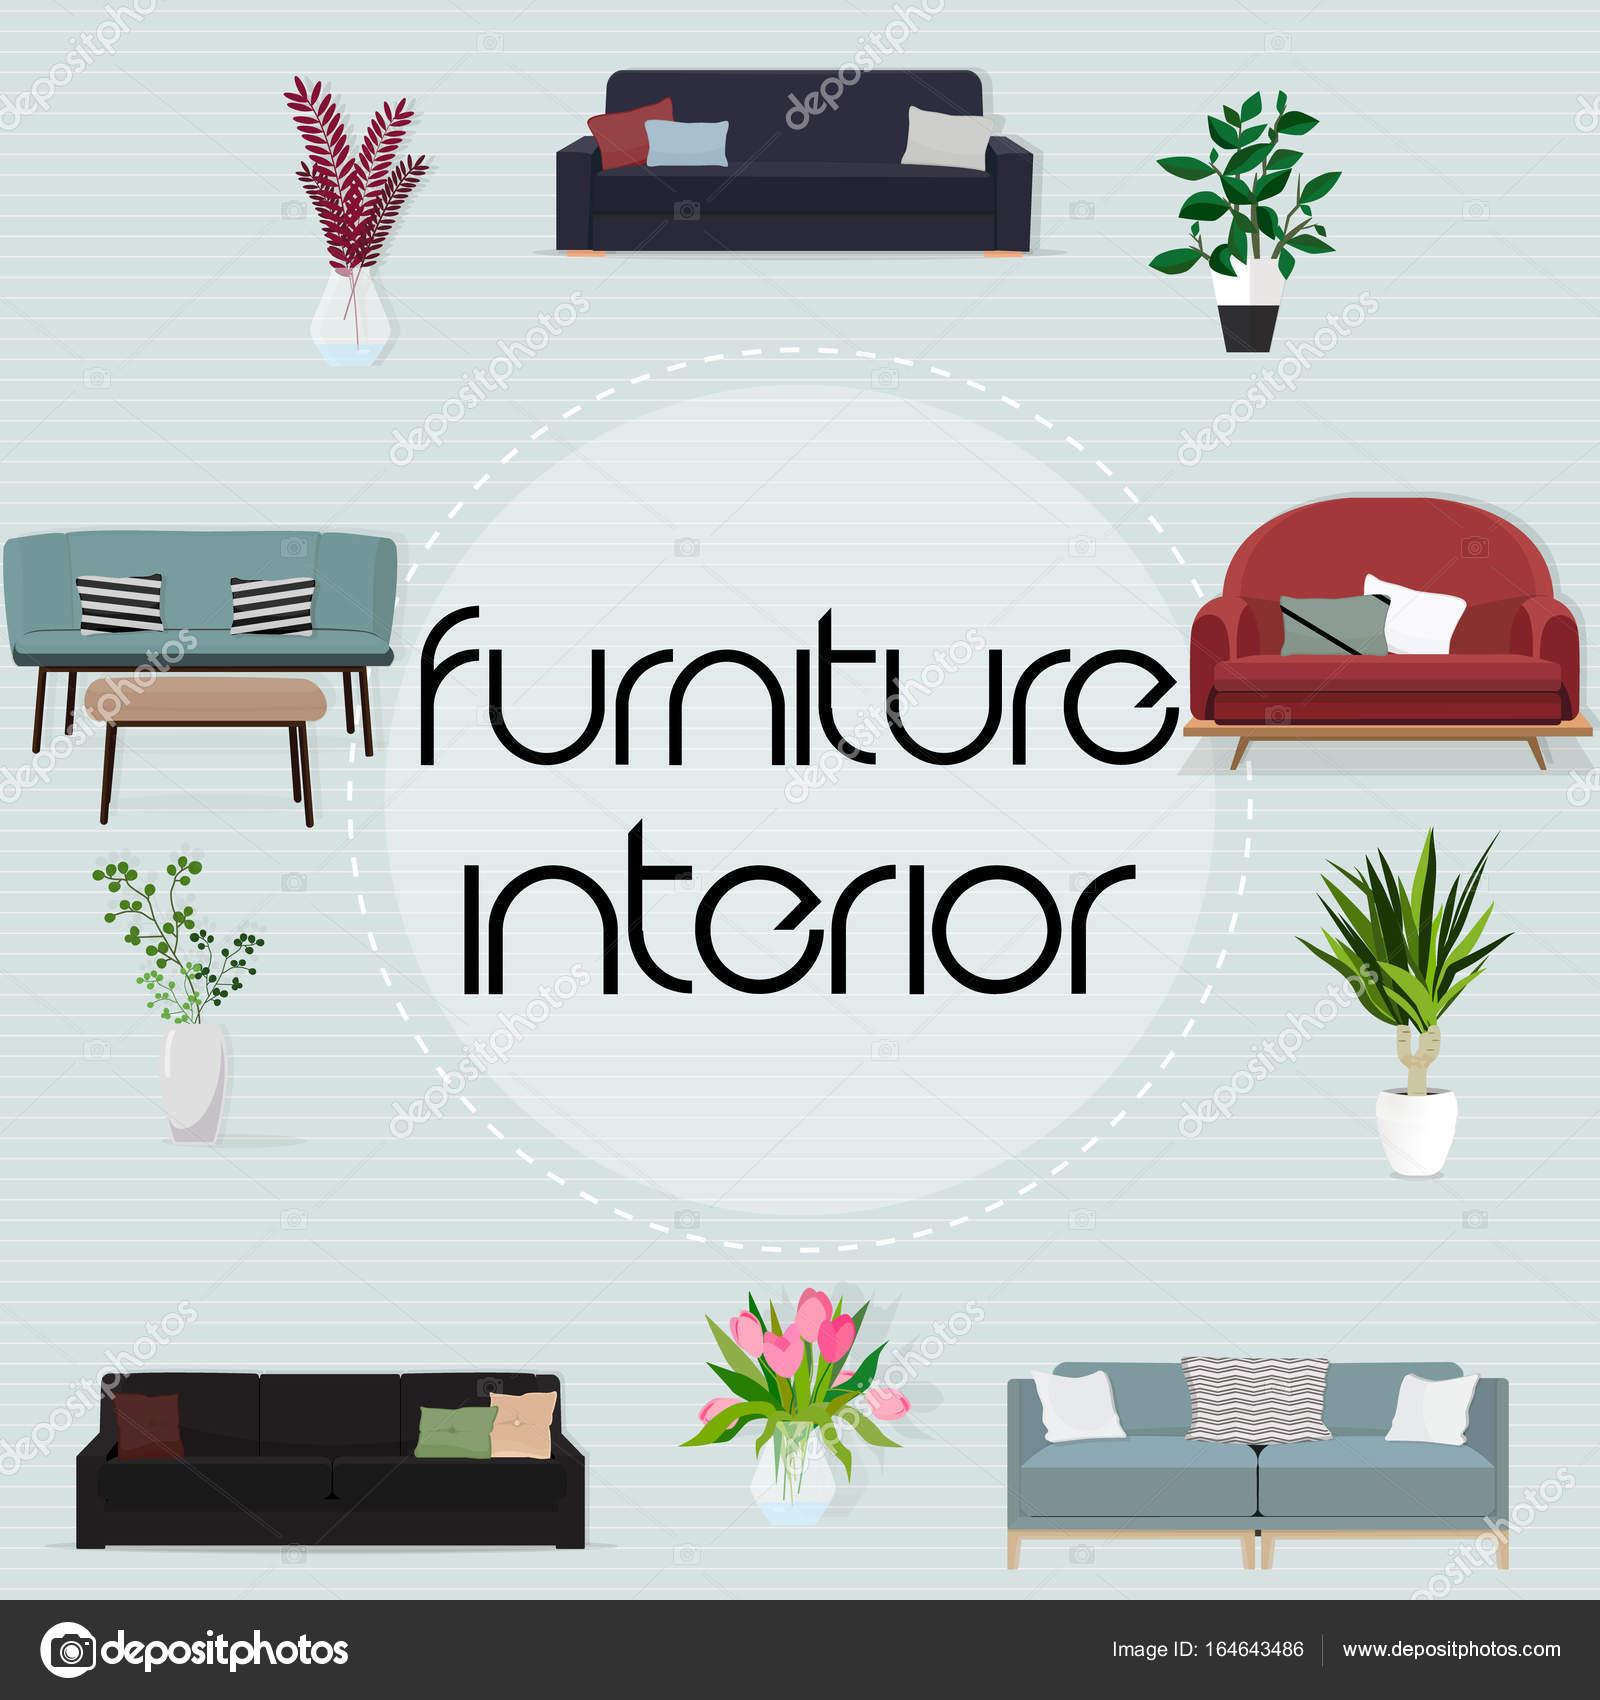 moderne moebel fuer haus, möbel für die inneneinrichtung. moderne möbel für zuhause. bequemen, Design ideen